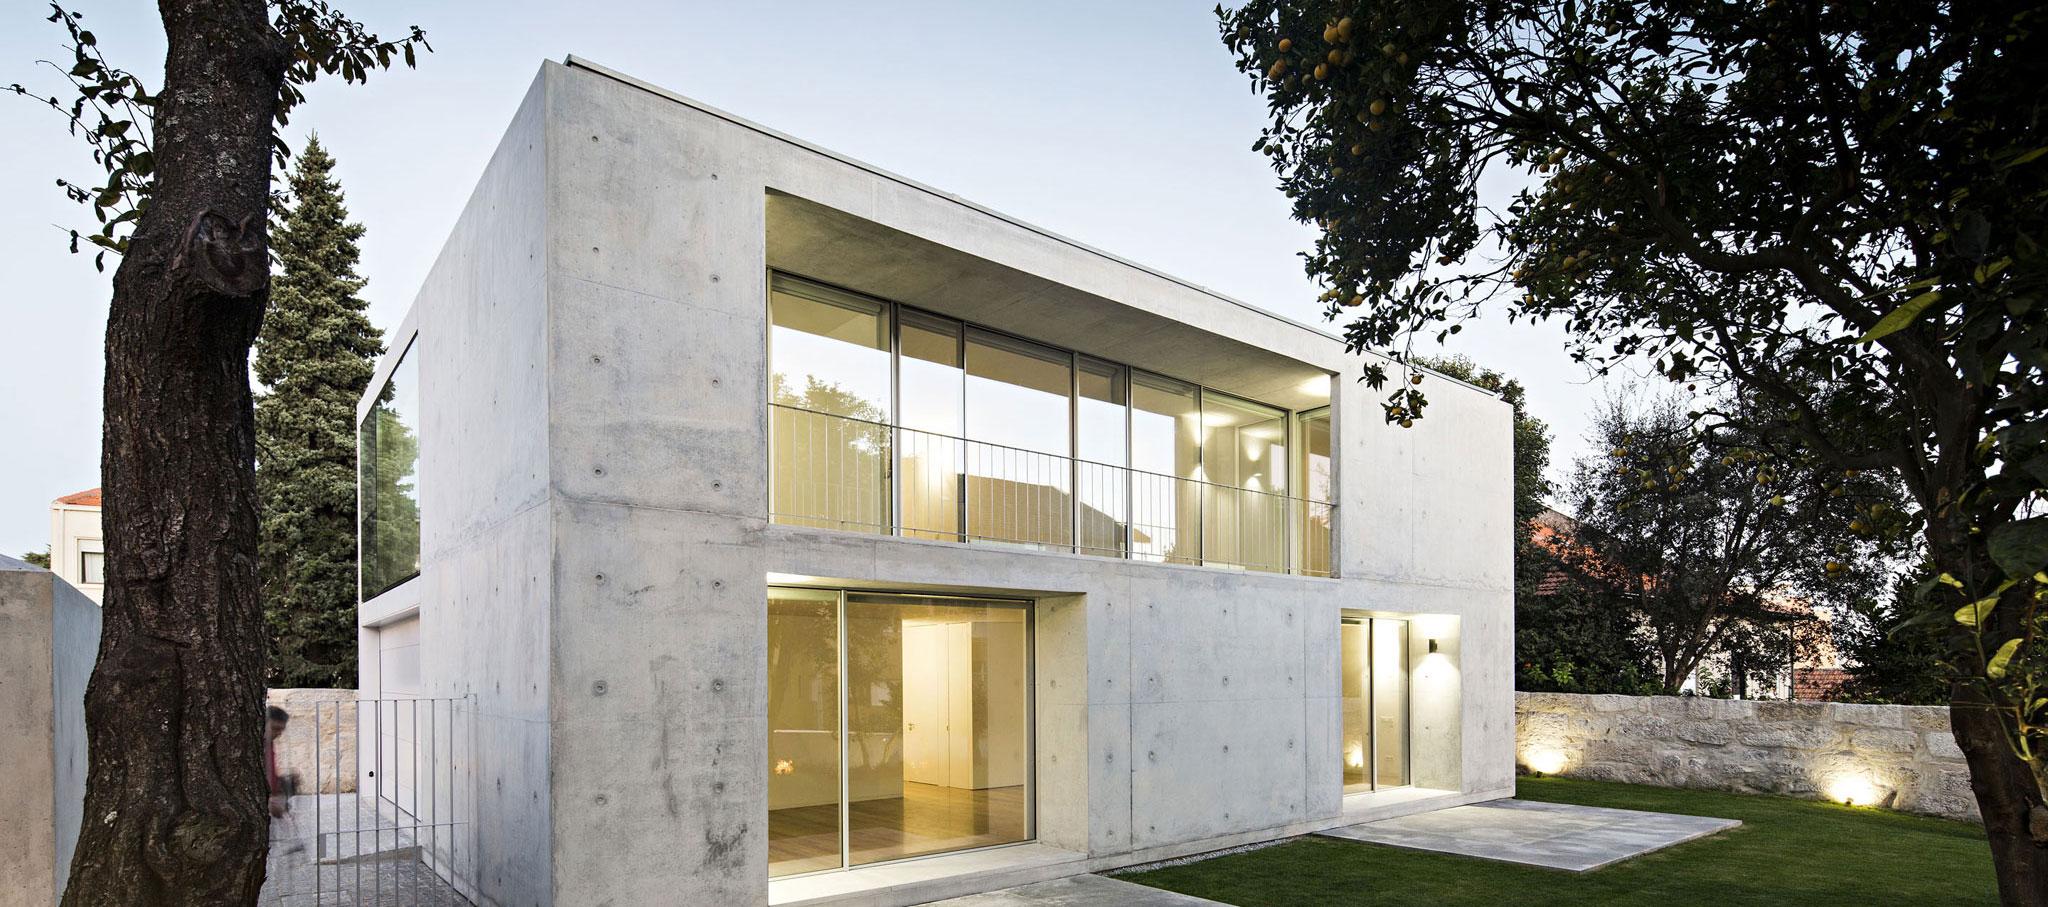 Fachada interior. Casa en Serralves por João Vieira de Campos. Fotografía por Nelson Garrido